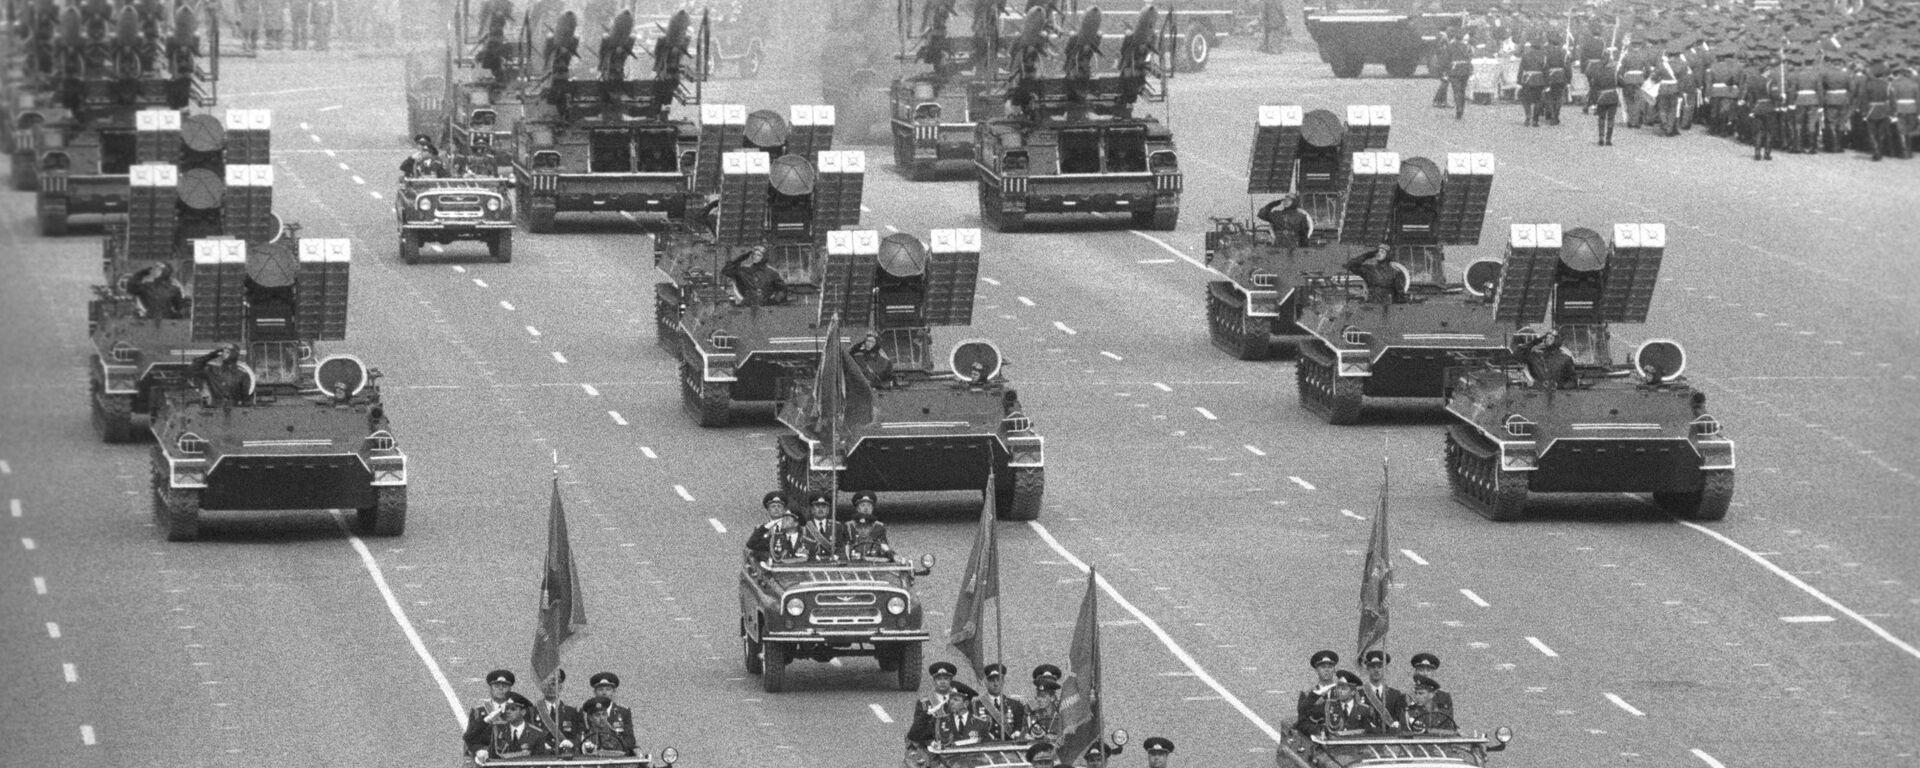 Военный парад на Красной площади, посвященный 40-летию Победы советского народа в Великой Отечественной войне 1941-1945 годов - Sputnik Таджикистан, 1920, 06.05.2020